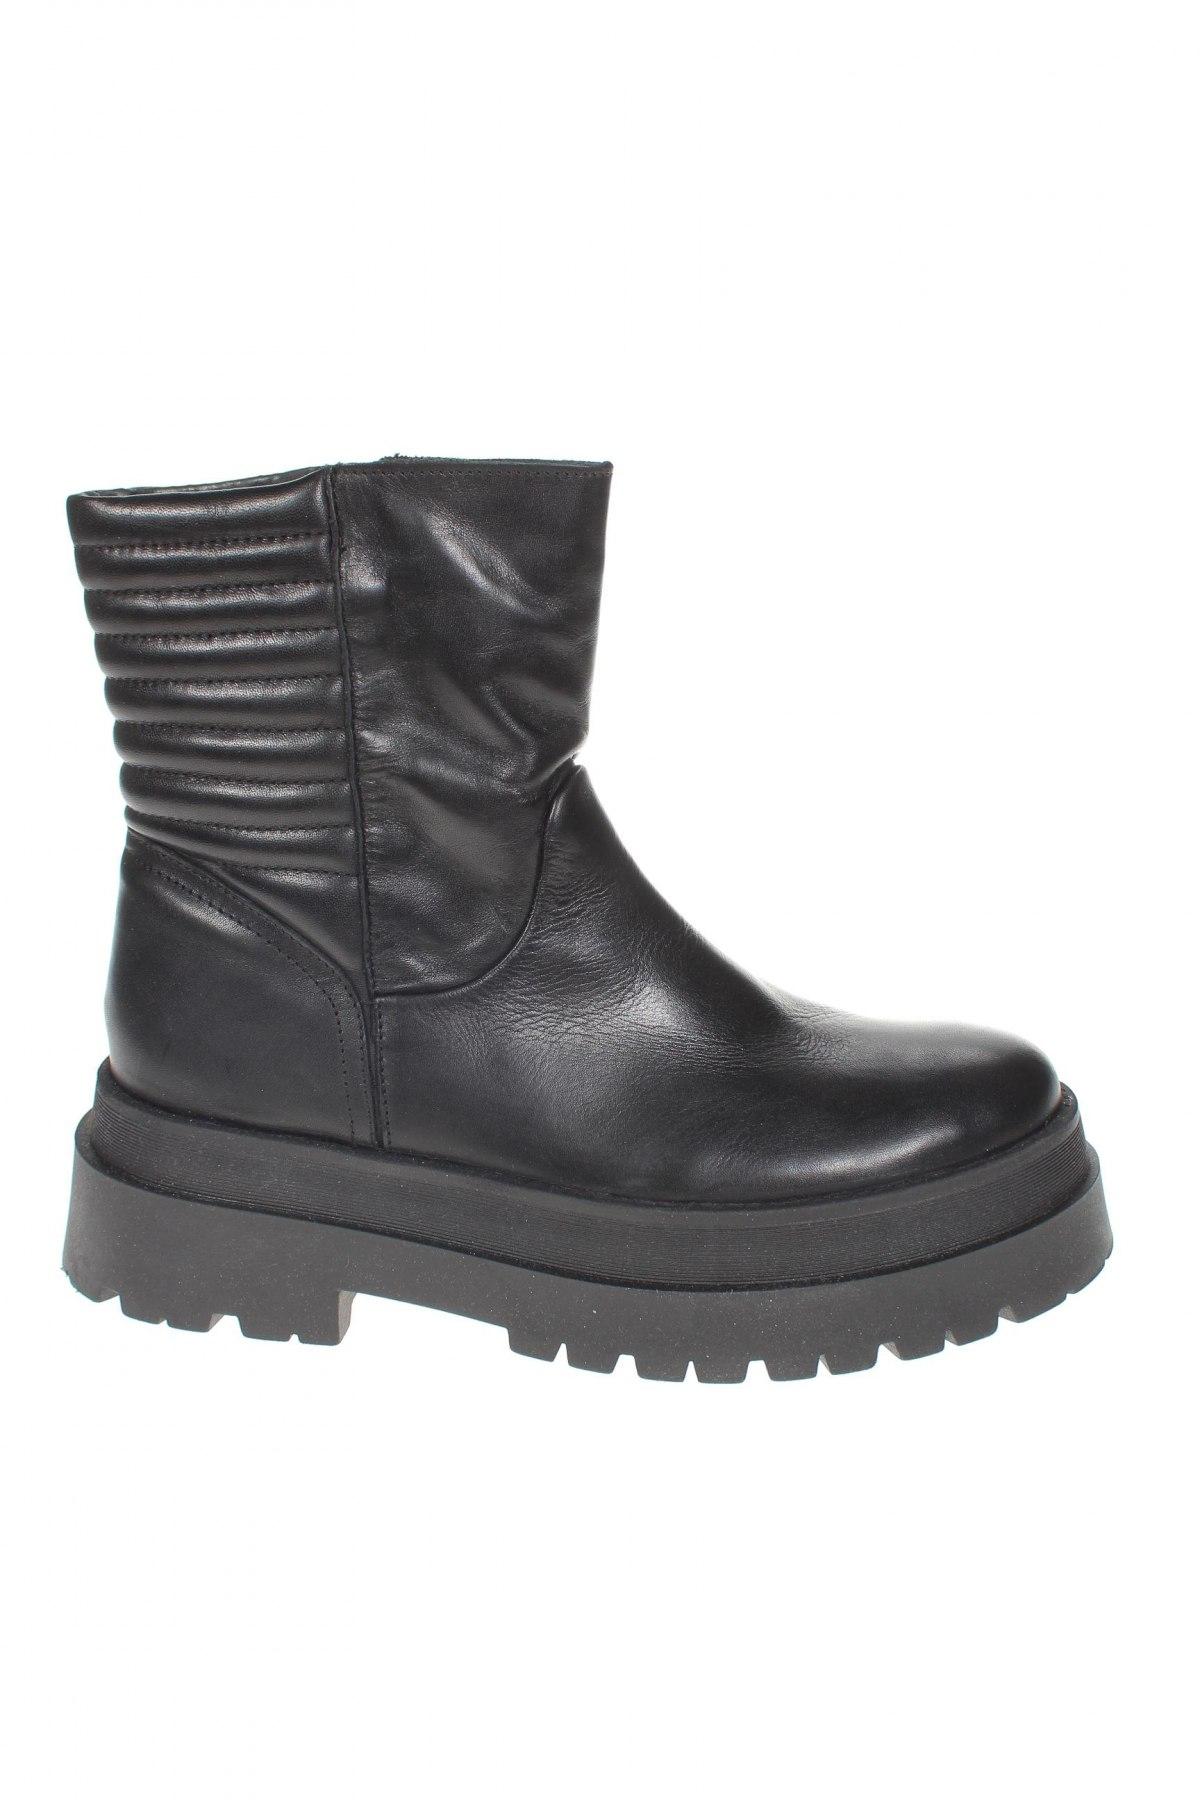 Дамски боти Zign, Размер 39, Цвят Черен, Естествена кожа, Цена 149,00лв.